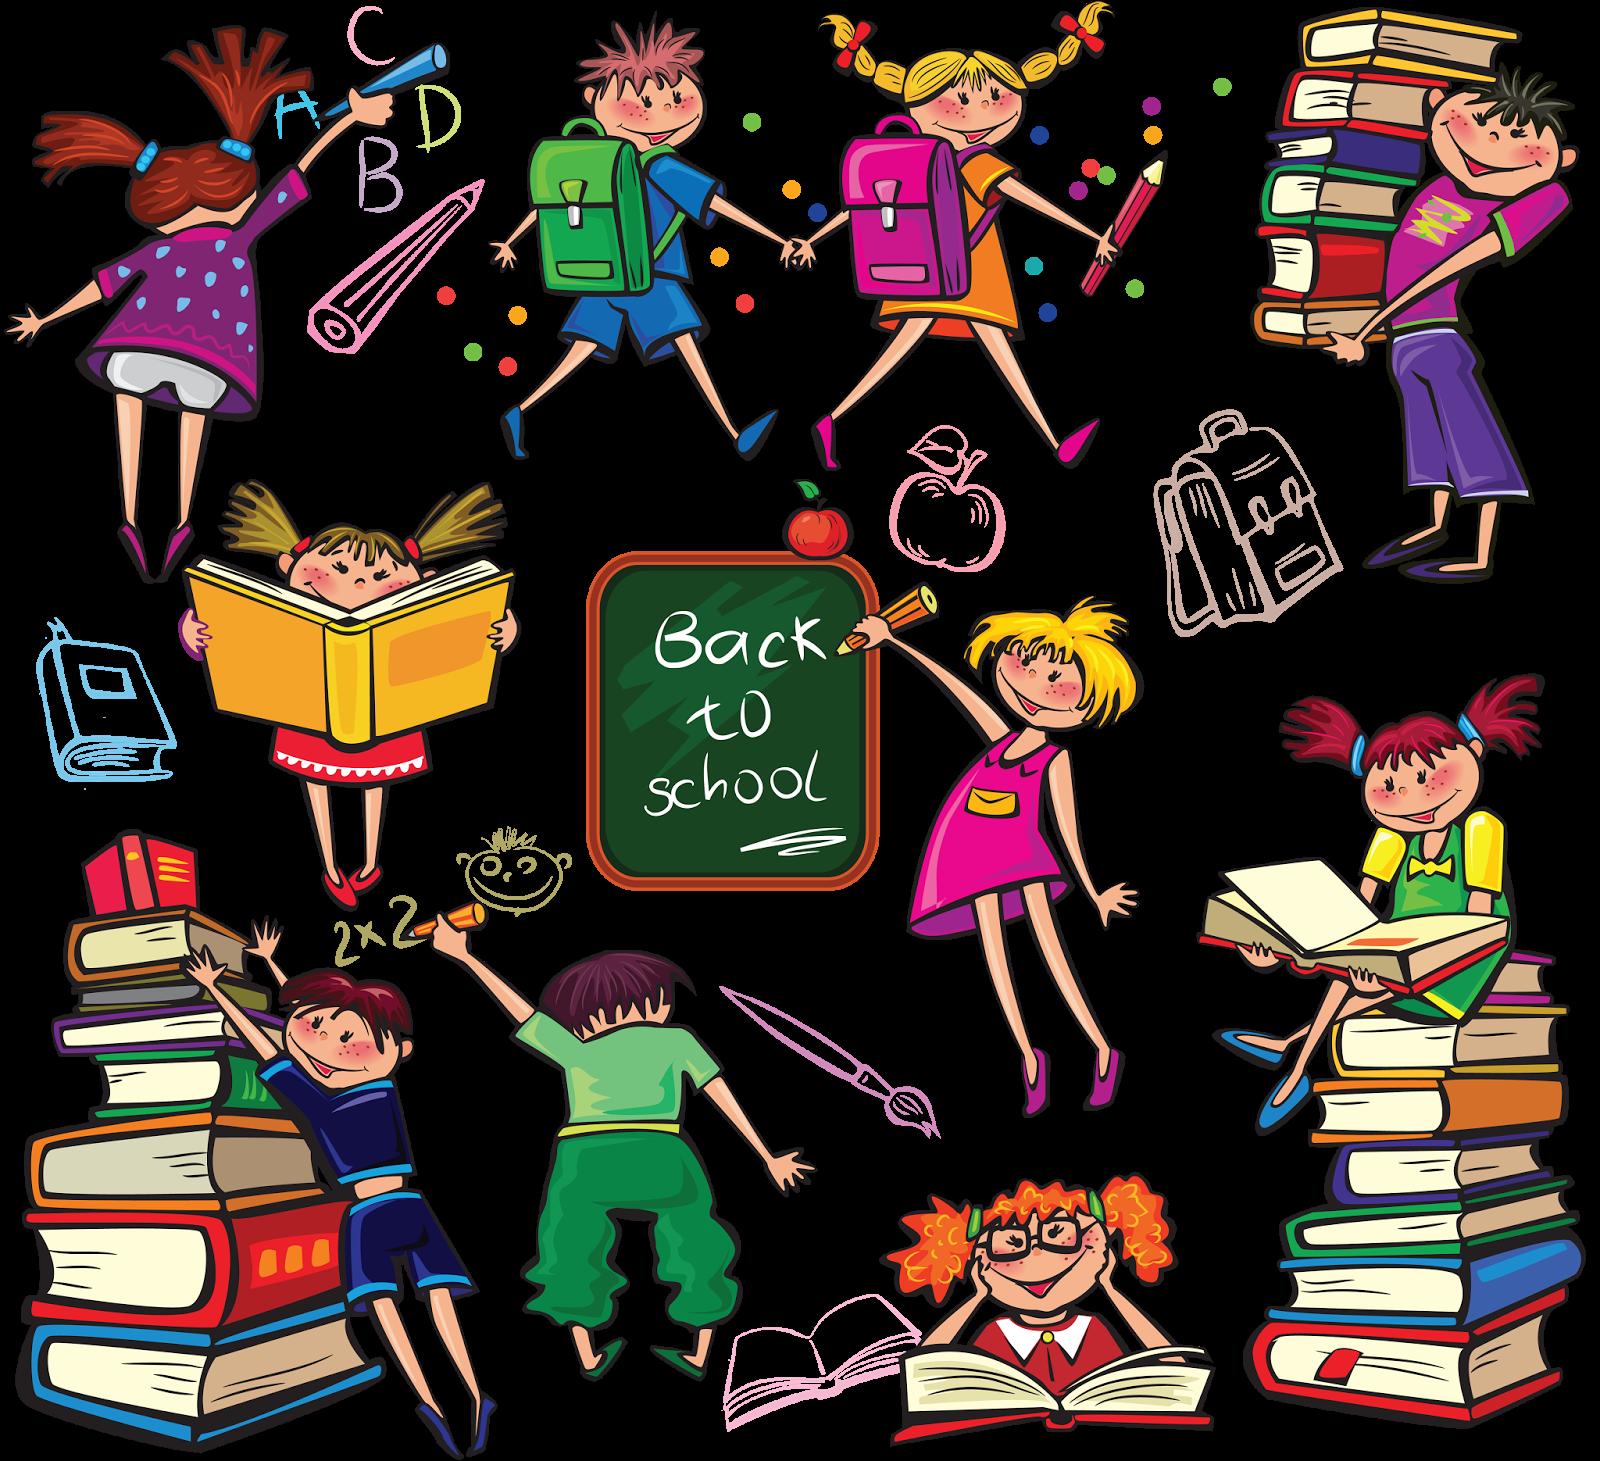 мультяшные картинки учеников школы